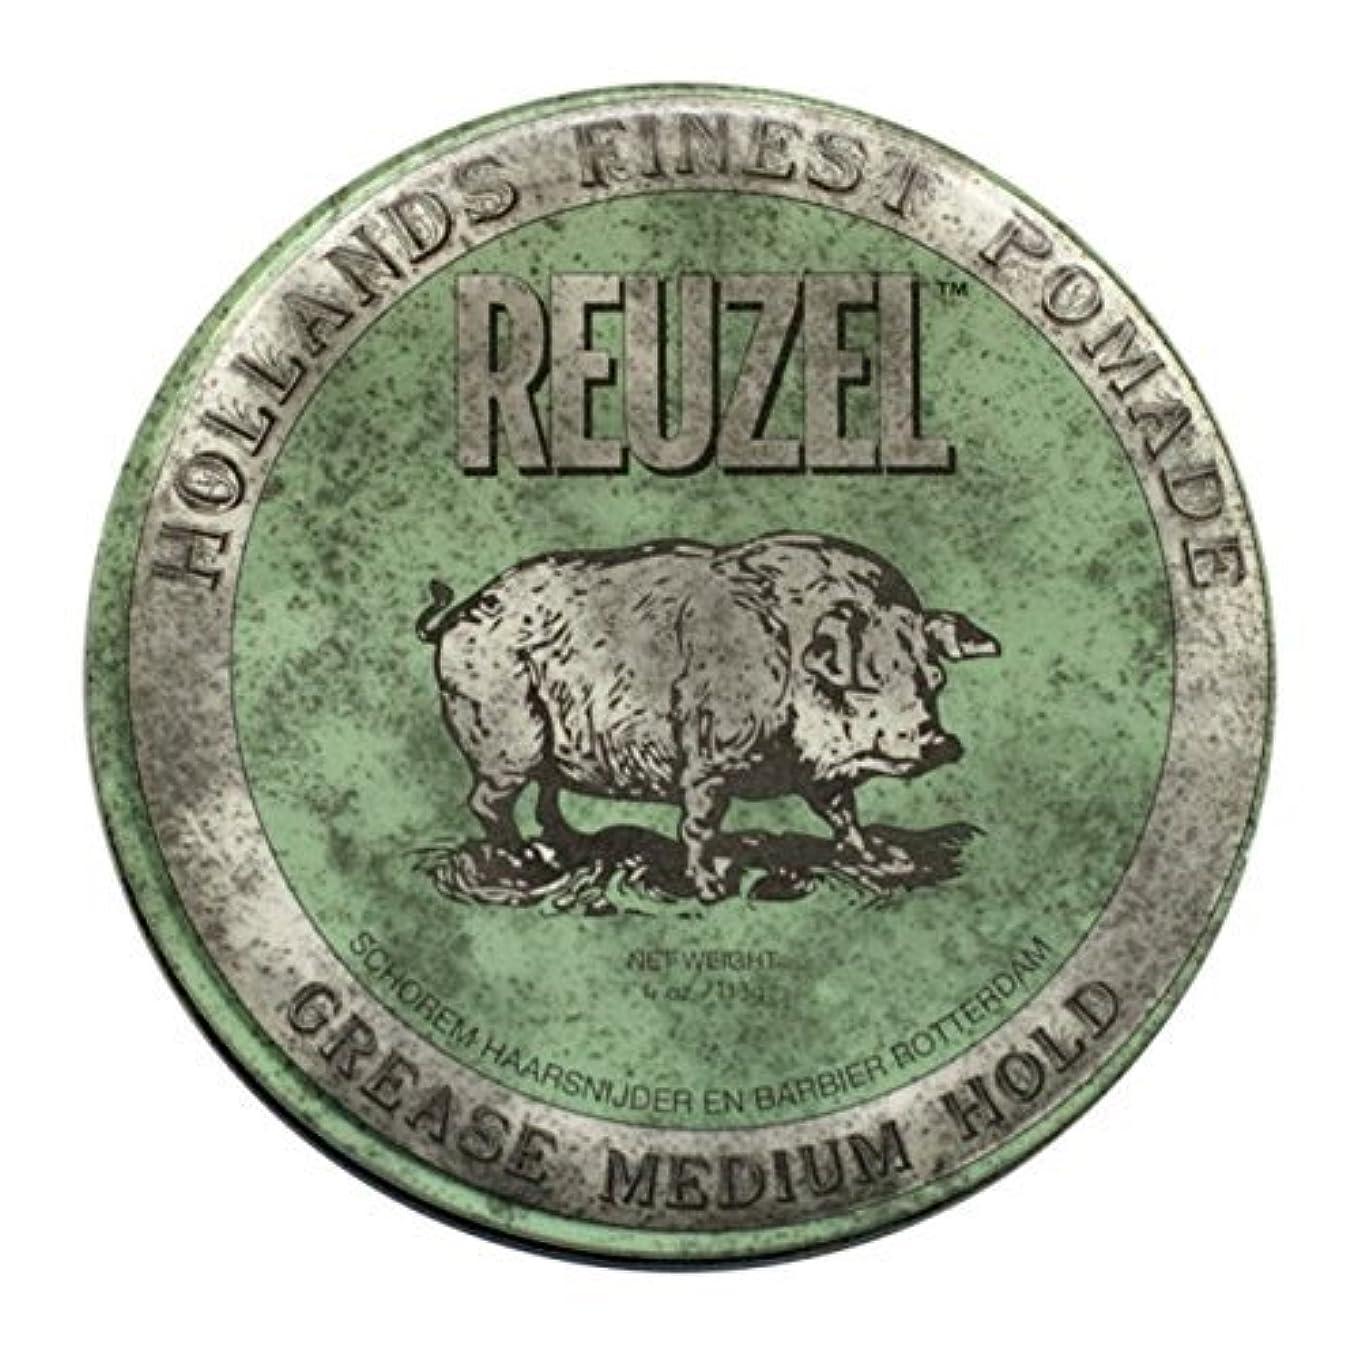 スコア会話六月REUZEL Grease Hold Hair Styling Pomade Piglet Wax/Gel, Medium, Green, 1.3 oz, 35g [並行輸入品]